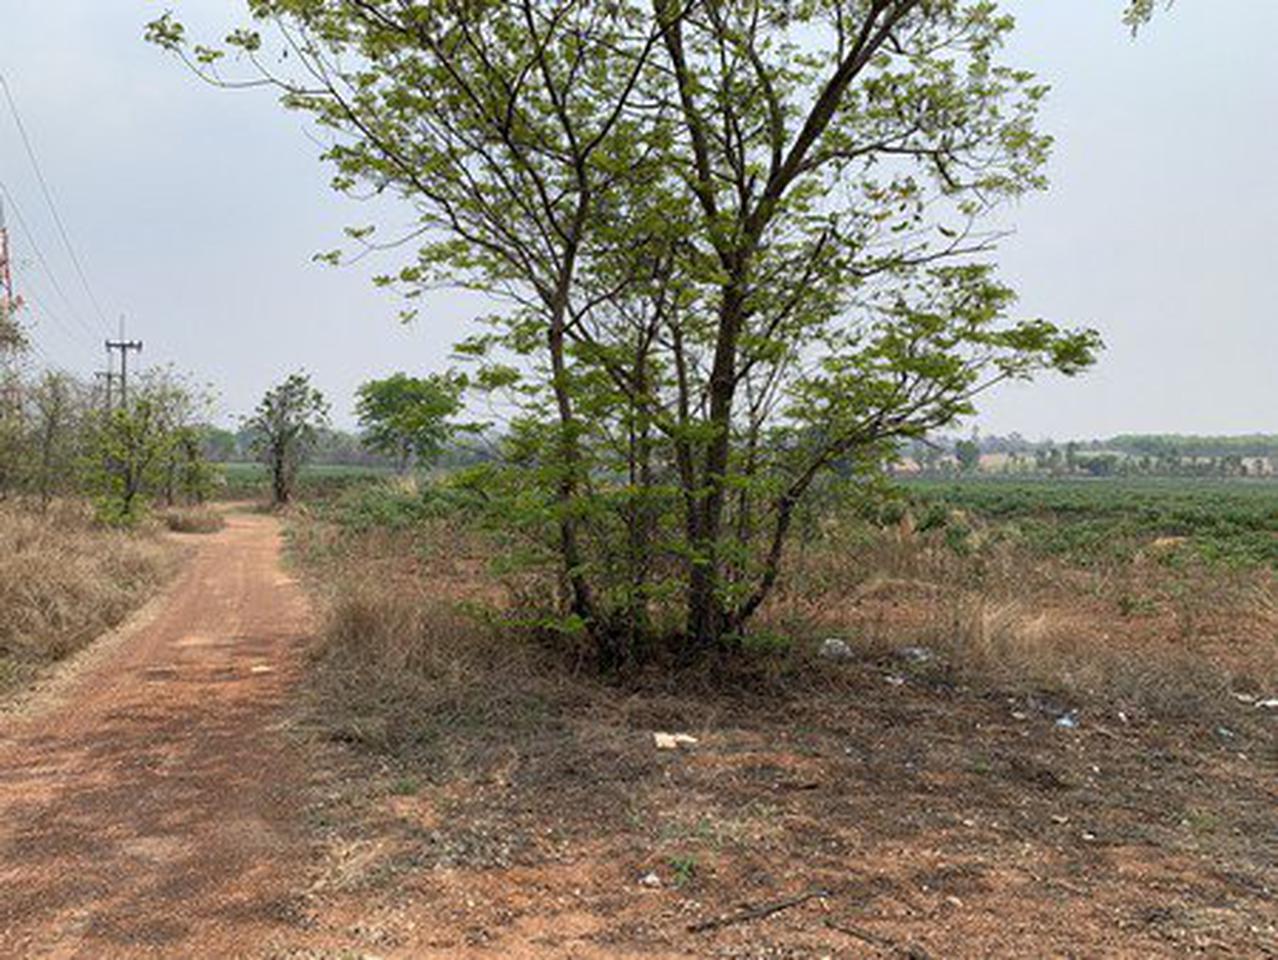 ขายที่ดินเปล่า จังหวัดอุดรธานี อยู่บนถนนมิตรภาพ เนื้อที่ 52 ไร่ 40 ตารางวา รูปที่ 3